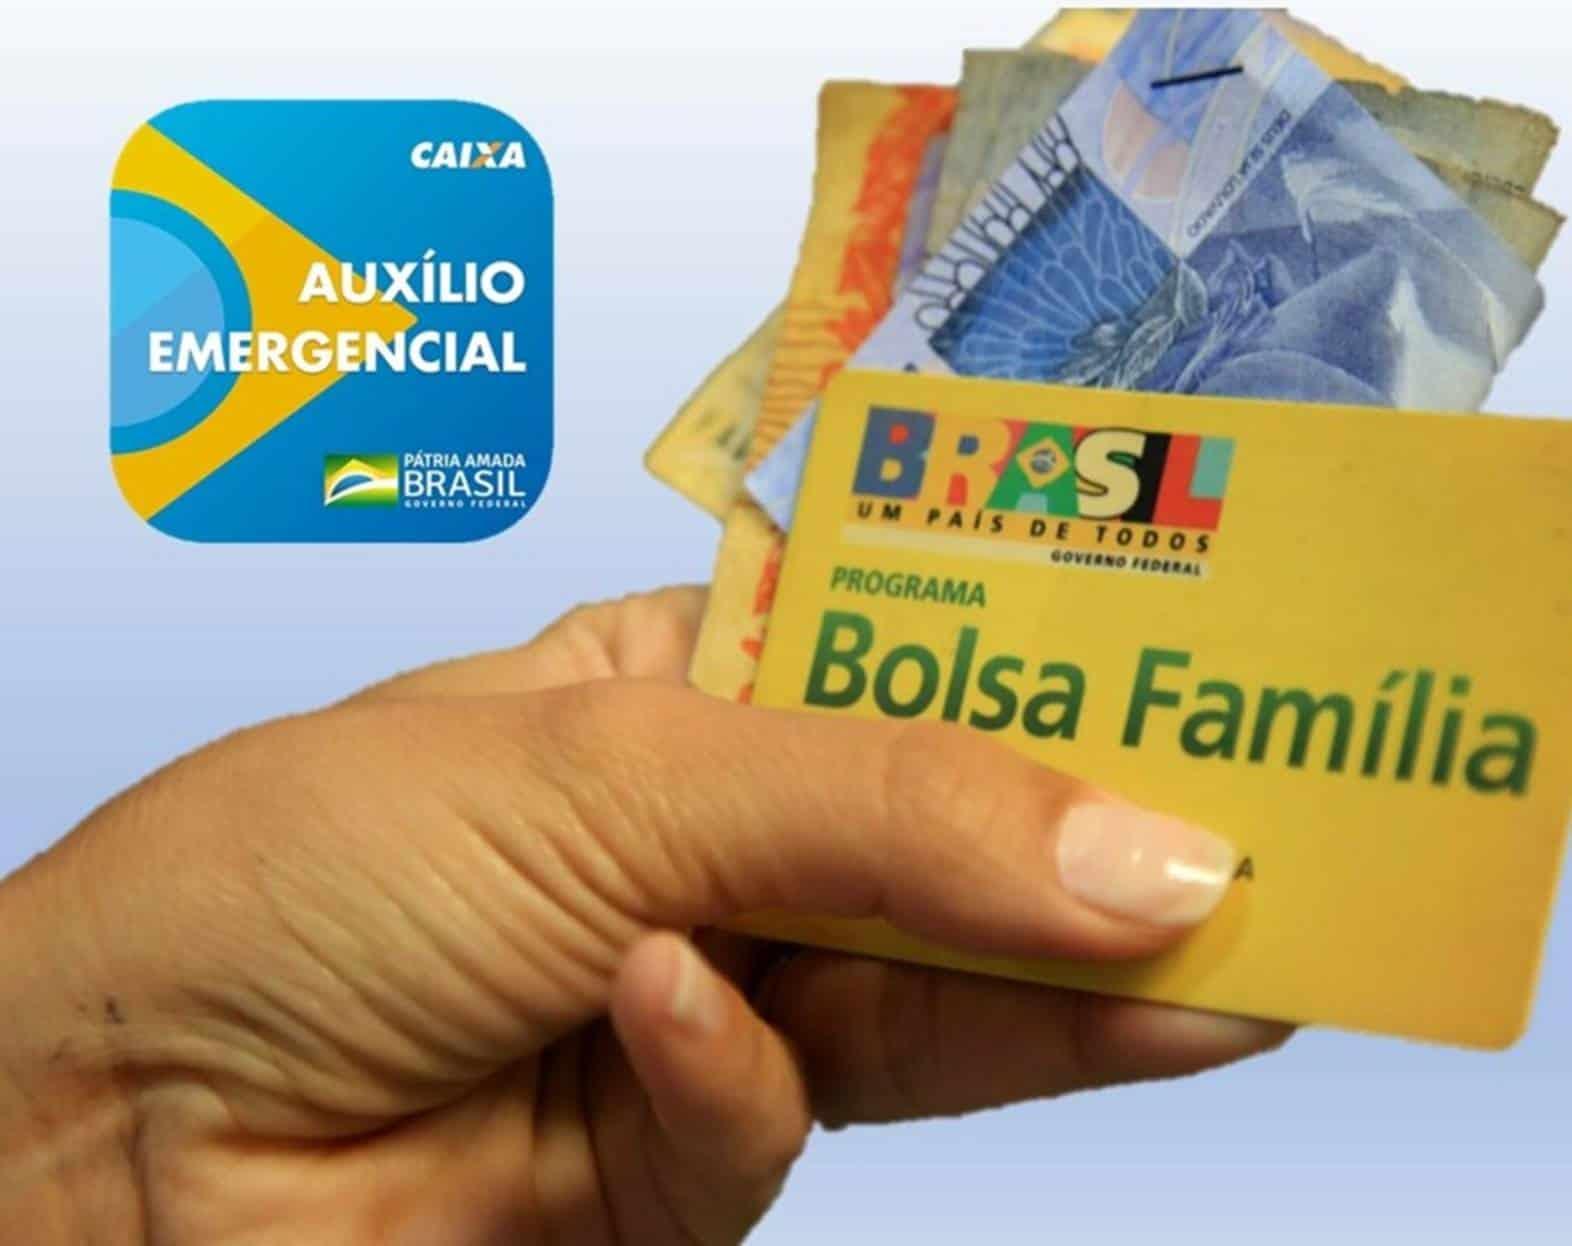 Novo programa social vai eliminar o Bolsa Família: entenda como será